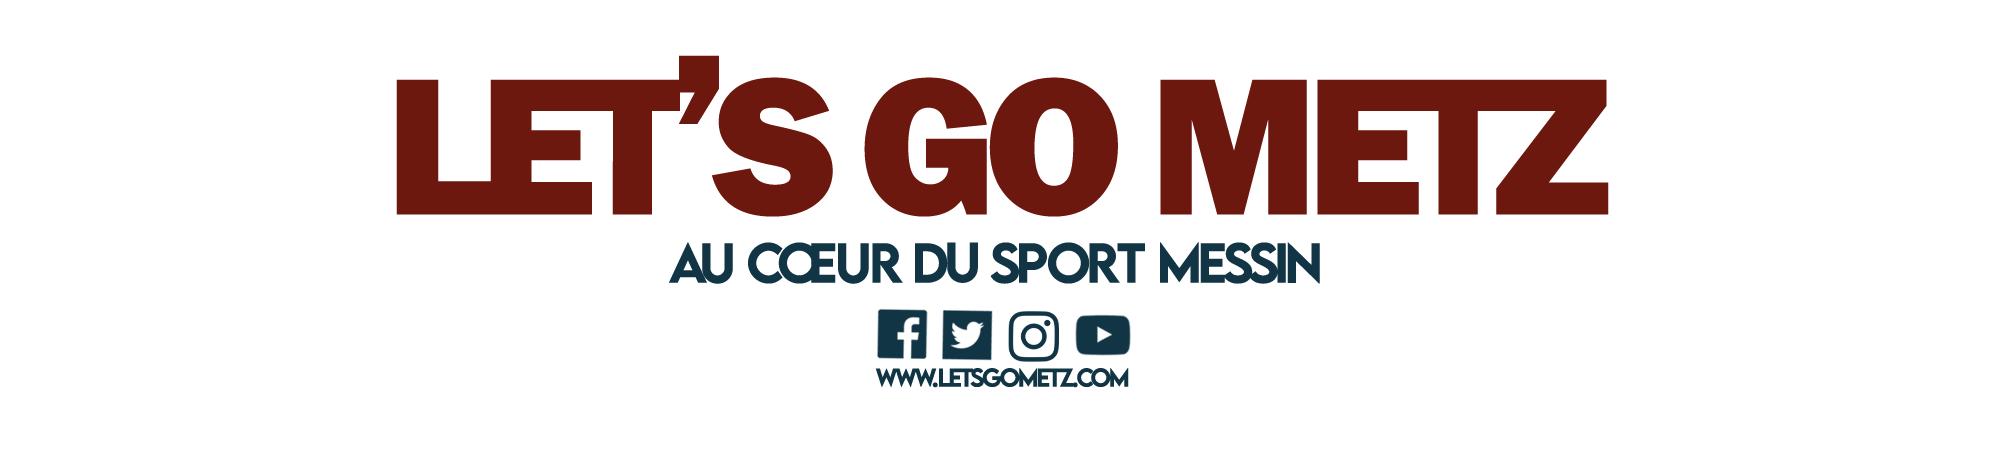 Let's Go Metz – Au cœur du sport messin